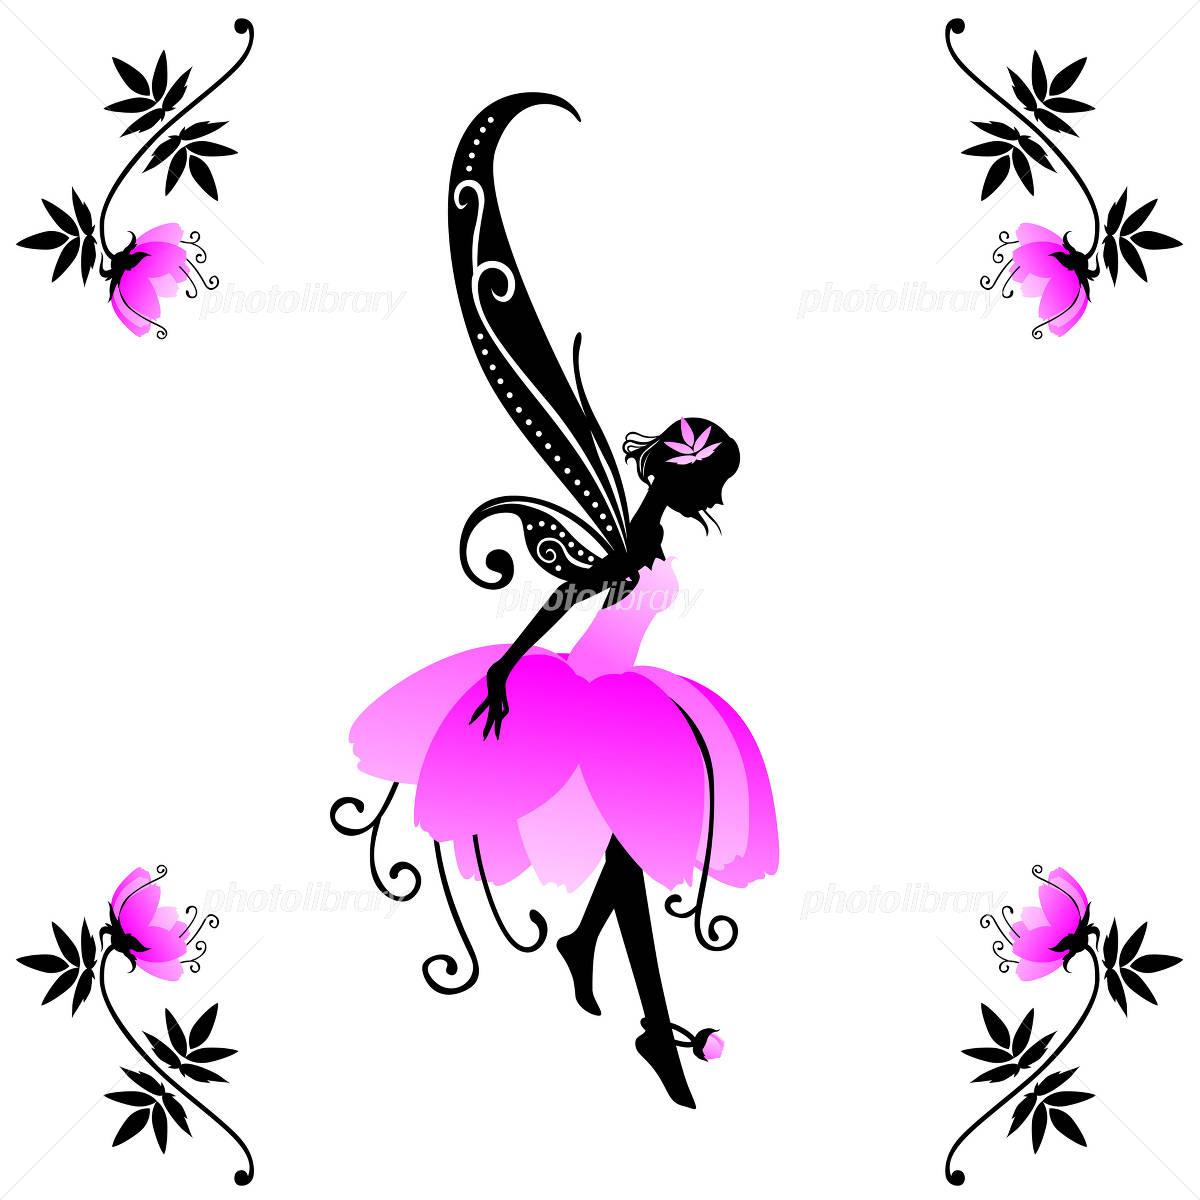 牡丹の花の妖精 イラスト素材 1964110 フォトライブラリー